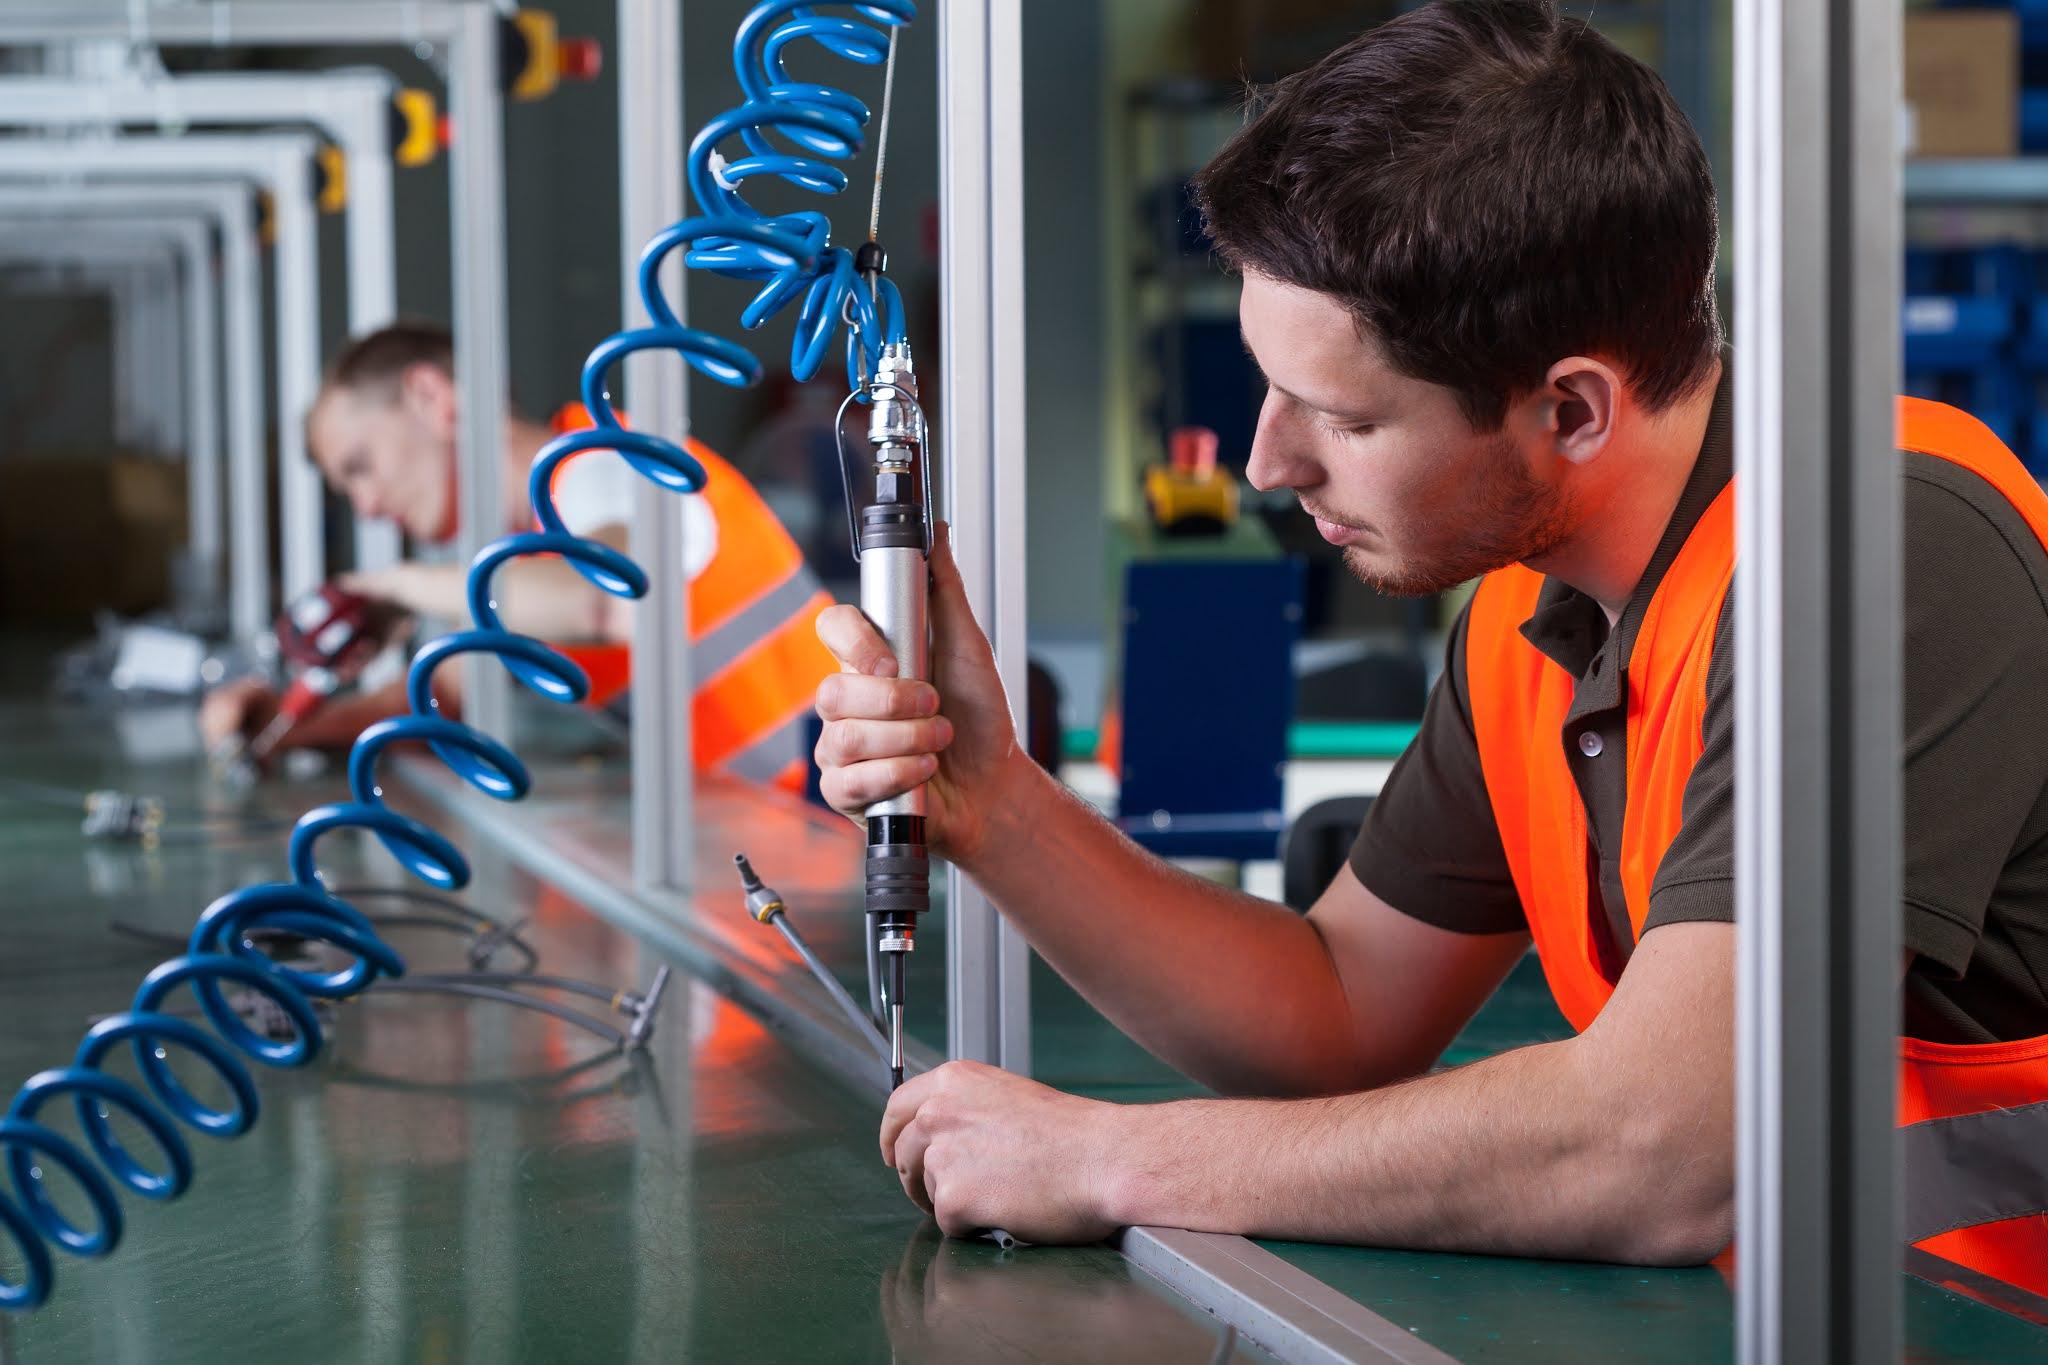 ثورة صناعية رابعة لتدريب الكوادر البشرية